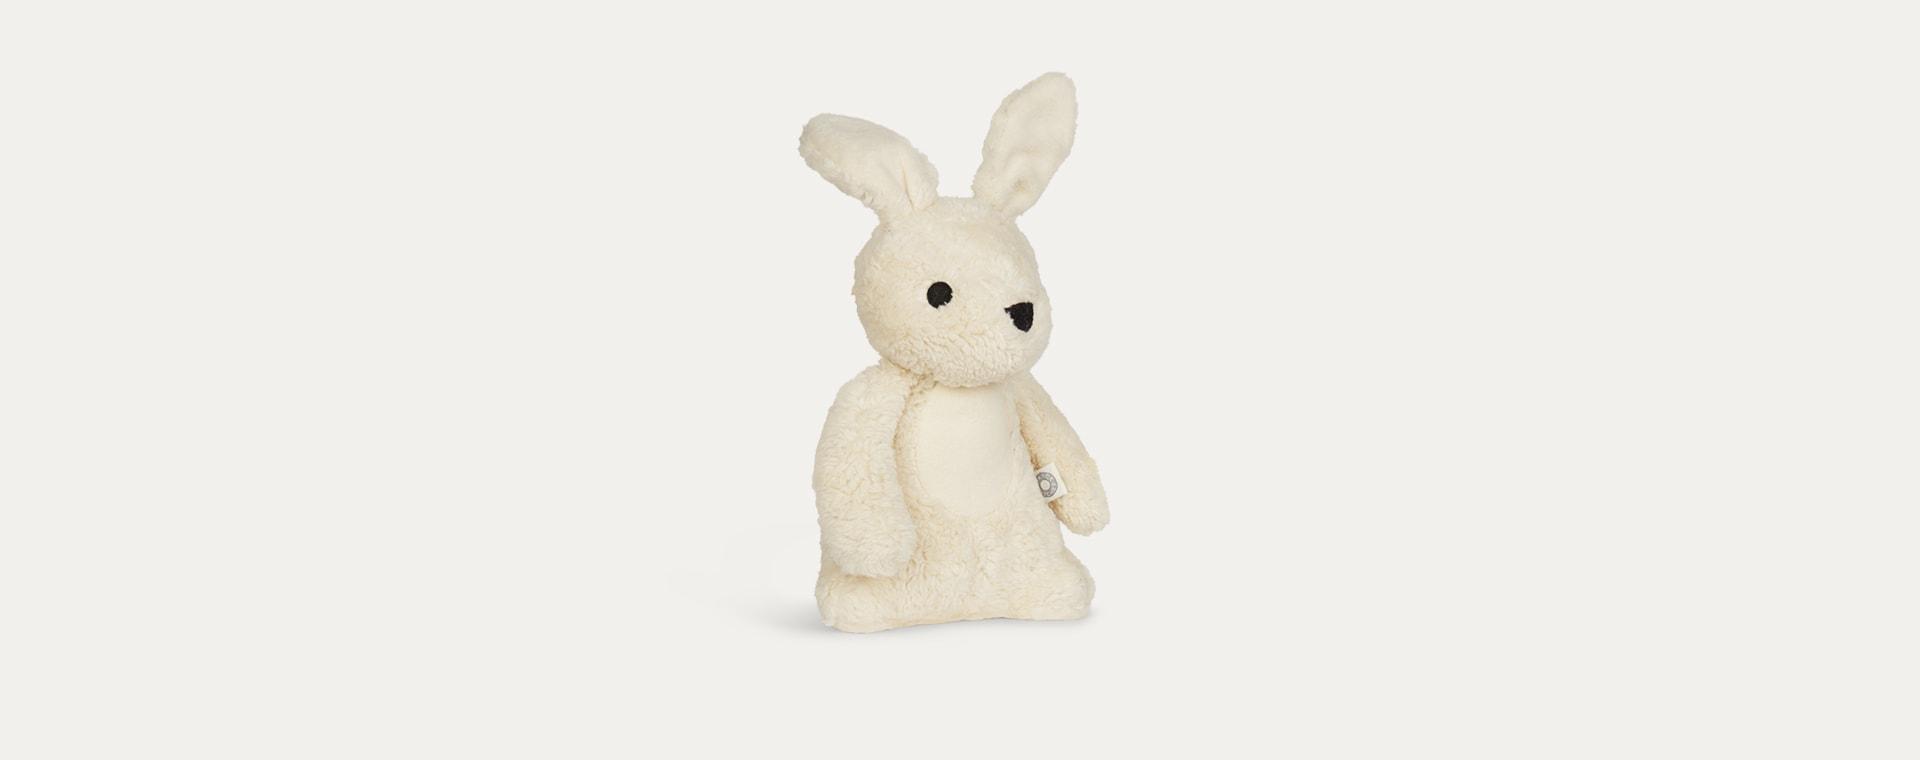 Off White Franck & Fischer Carla Rabbit Cuddly Toy